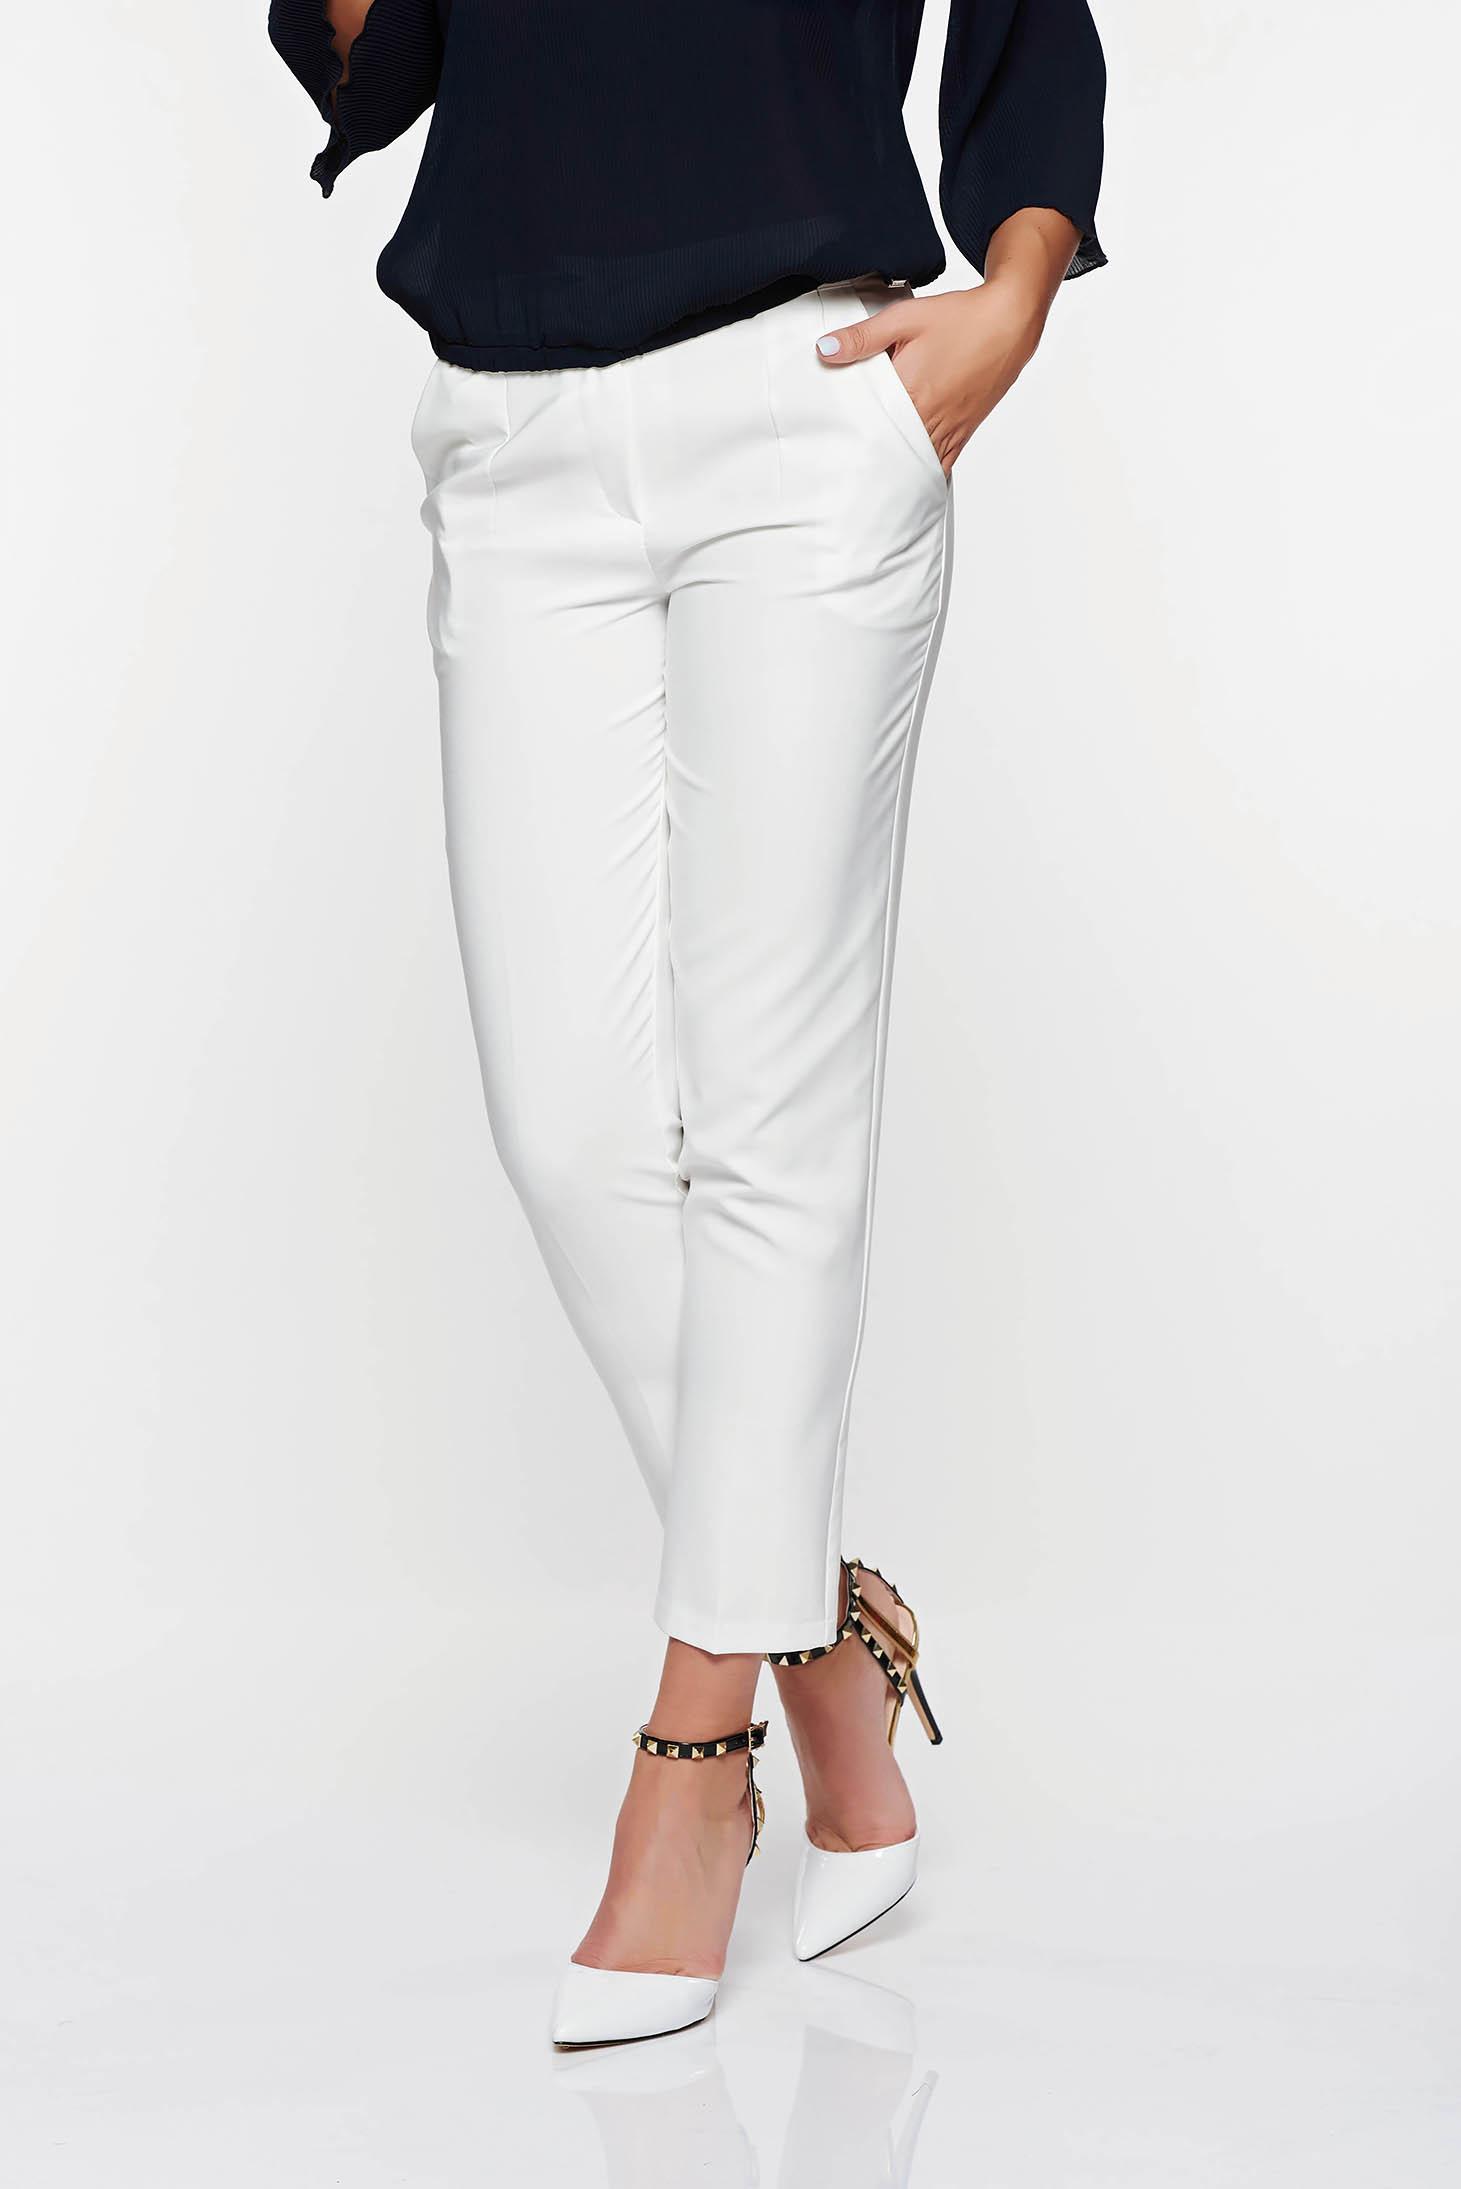 Fehér Artista nadrág irodai kónikus zsebes enyhén elasztikus szövet